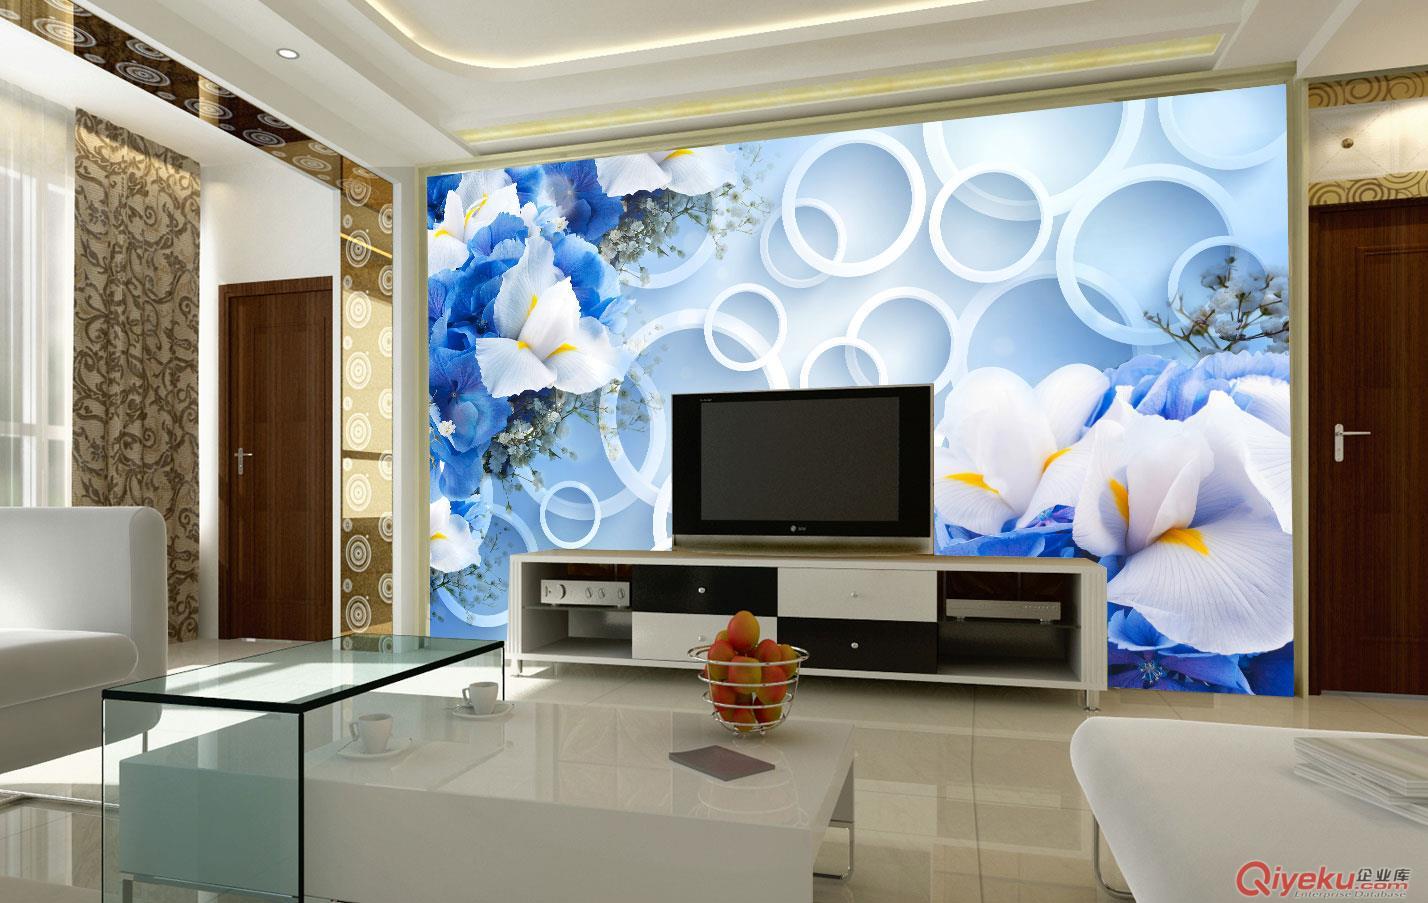 上海千彩装饰工程有限公司 更多产品更新请到企业网址:www.qiancaizs.com 诚邀全国经销商加盟 一件代发(让您轻松创业)! 招商加盟热线:薛先生15021134333 QQ:382929341 公司以环保为基础,以个性化量身定制服务为品牌的发展方向,满足了如今对个性化装饰的需求。公司生产的壁画使用的原材料是采用最新型专用涂层工艺技术,产品具有防水、环保、阻燃、牢度好、色彩还原度高、图像解析度高等特点,呈现完美的色彩和花纹。产品主要应用于电视背景墙、3D立体壁画、床头背景墙、沙发背景墙、大型无缝